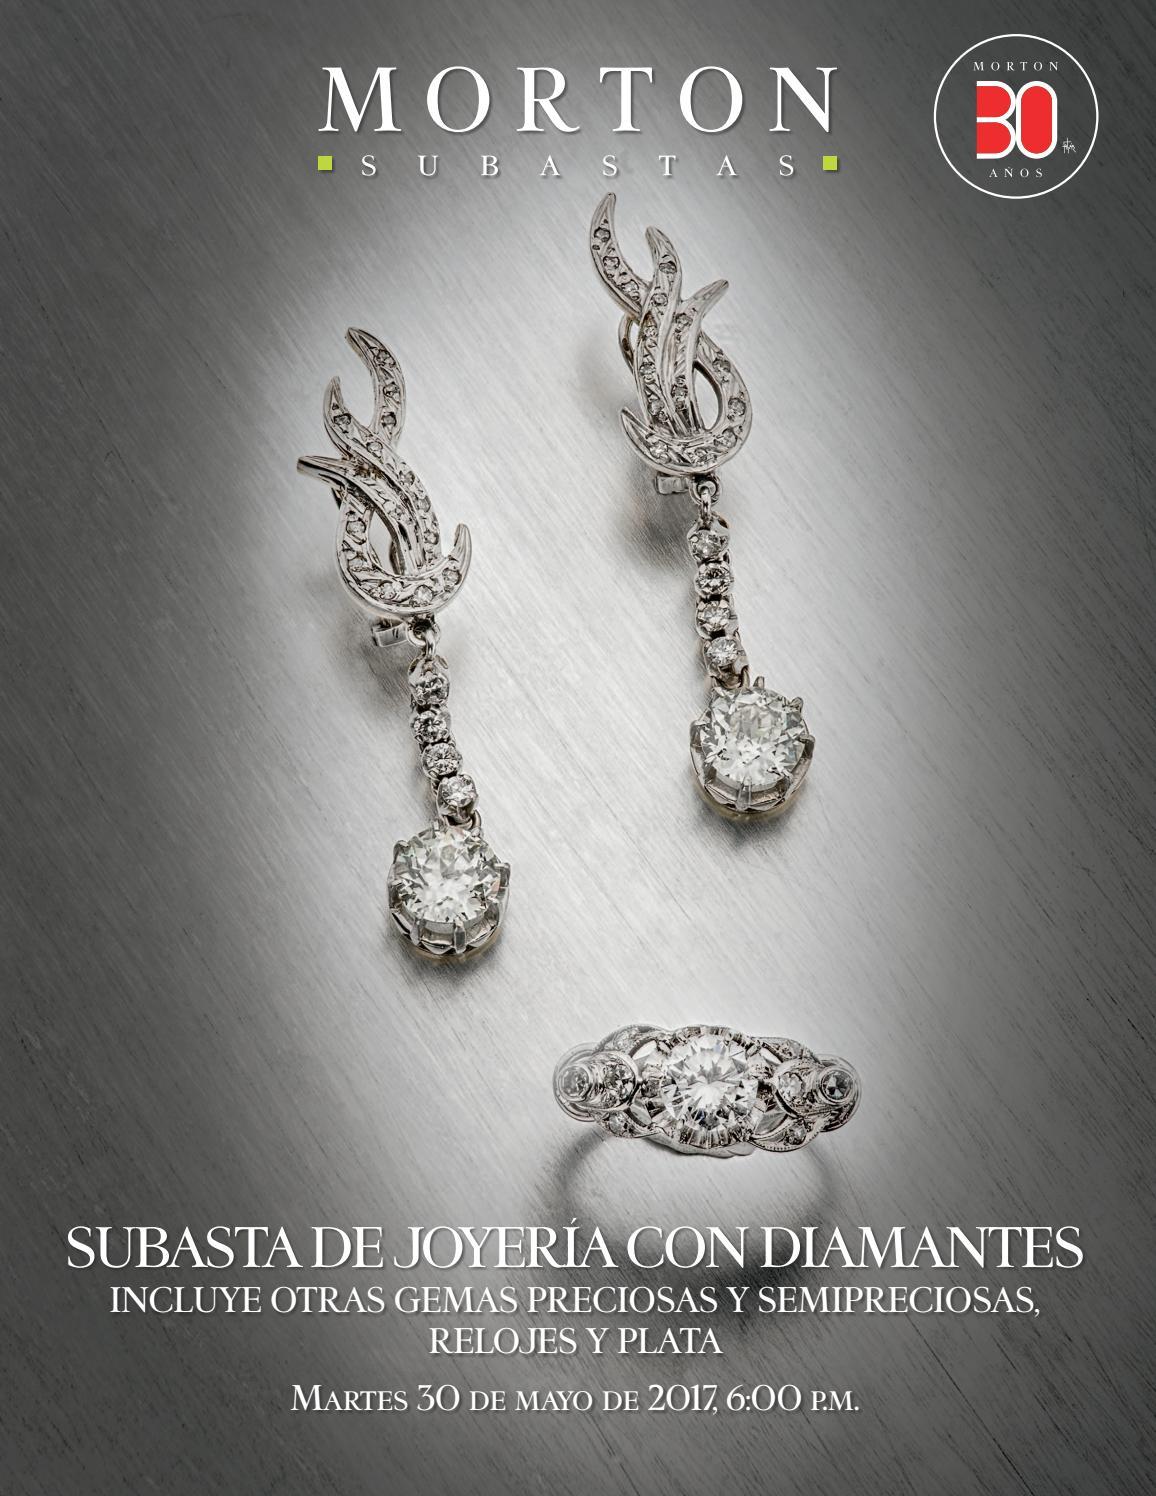 4307314b8180 Subasta de Joyería con Diamantes. Incluye otras gemas preciosas y  semipreciosas. Relojes y plata. by Morton Subastas - issuu